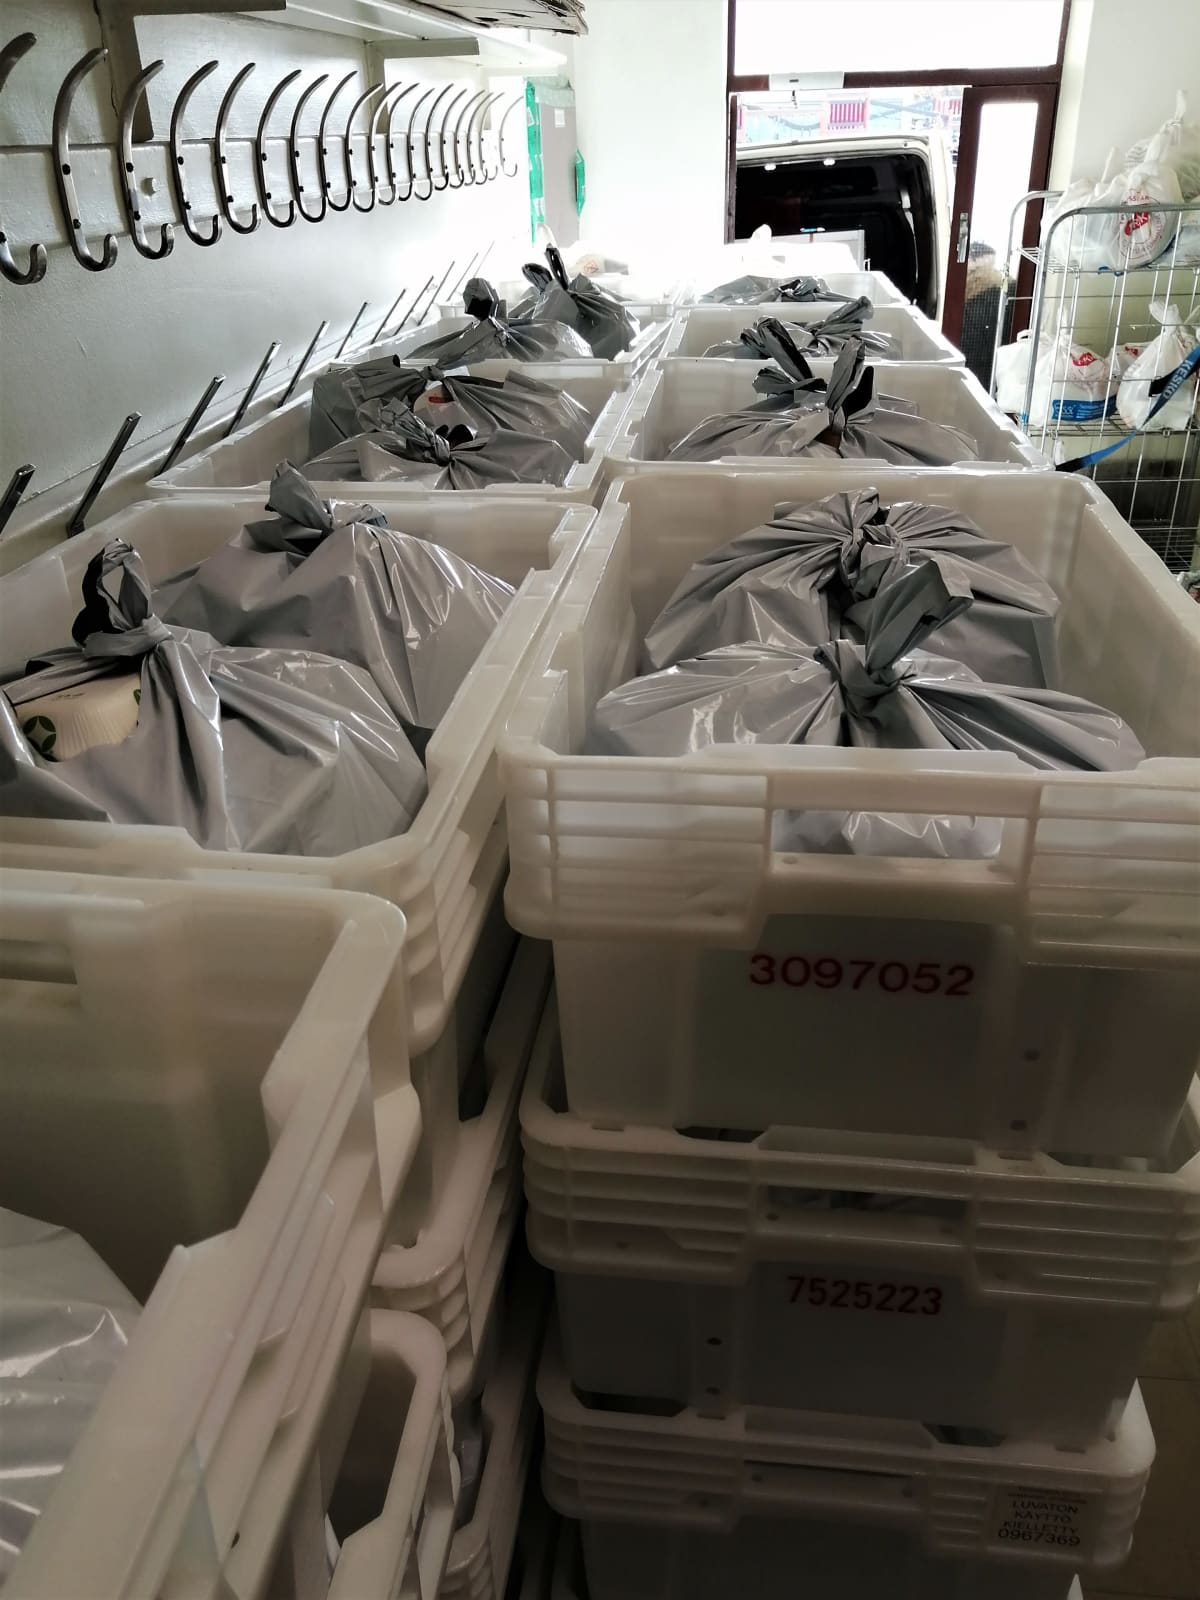 Vaasan ruoka-apuyhdistyksen tiloissa pakatut kassit odottavat lihalaatikossa kuljetusta jakelupisteille.